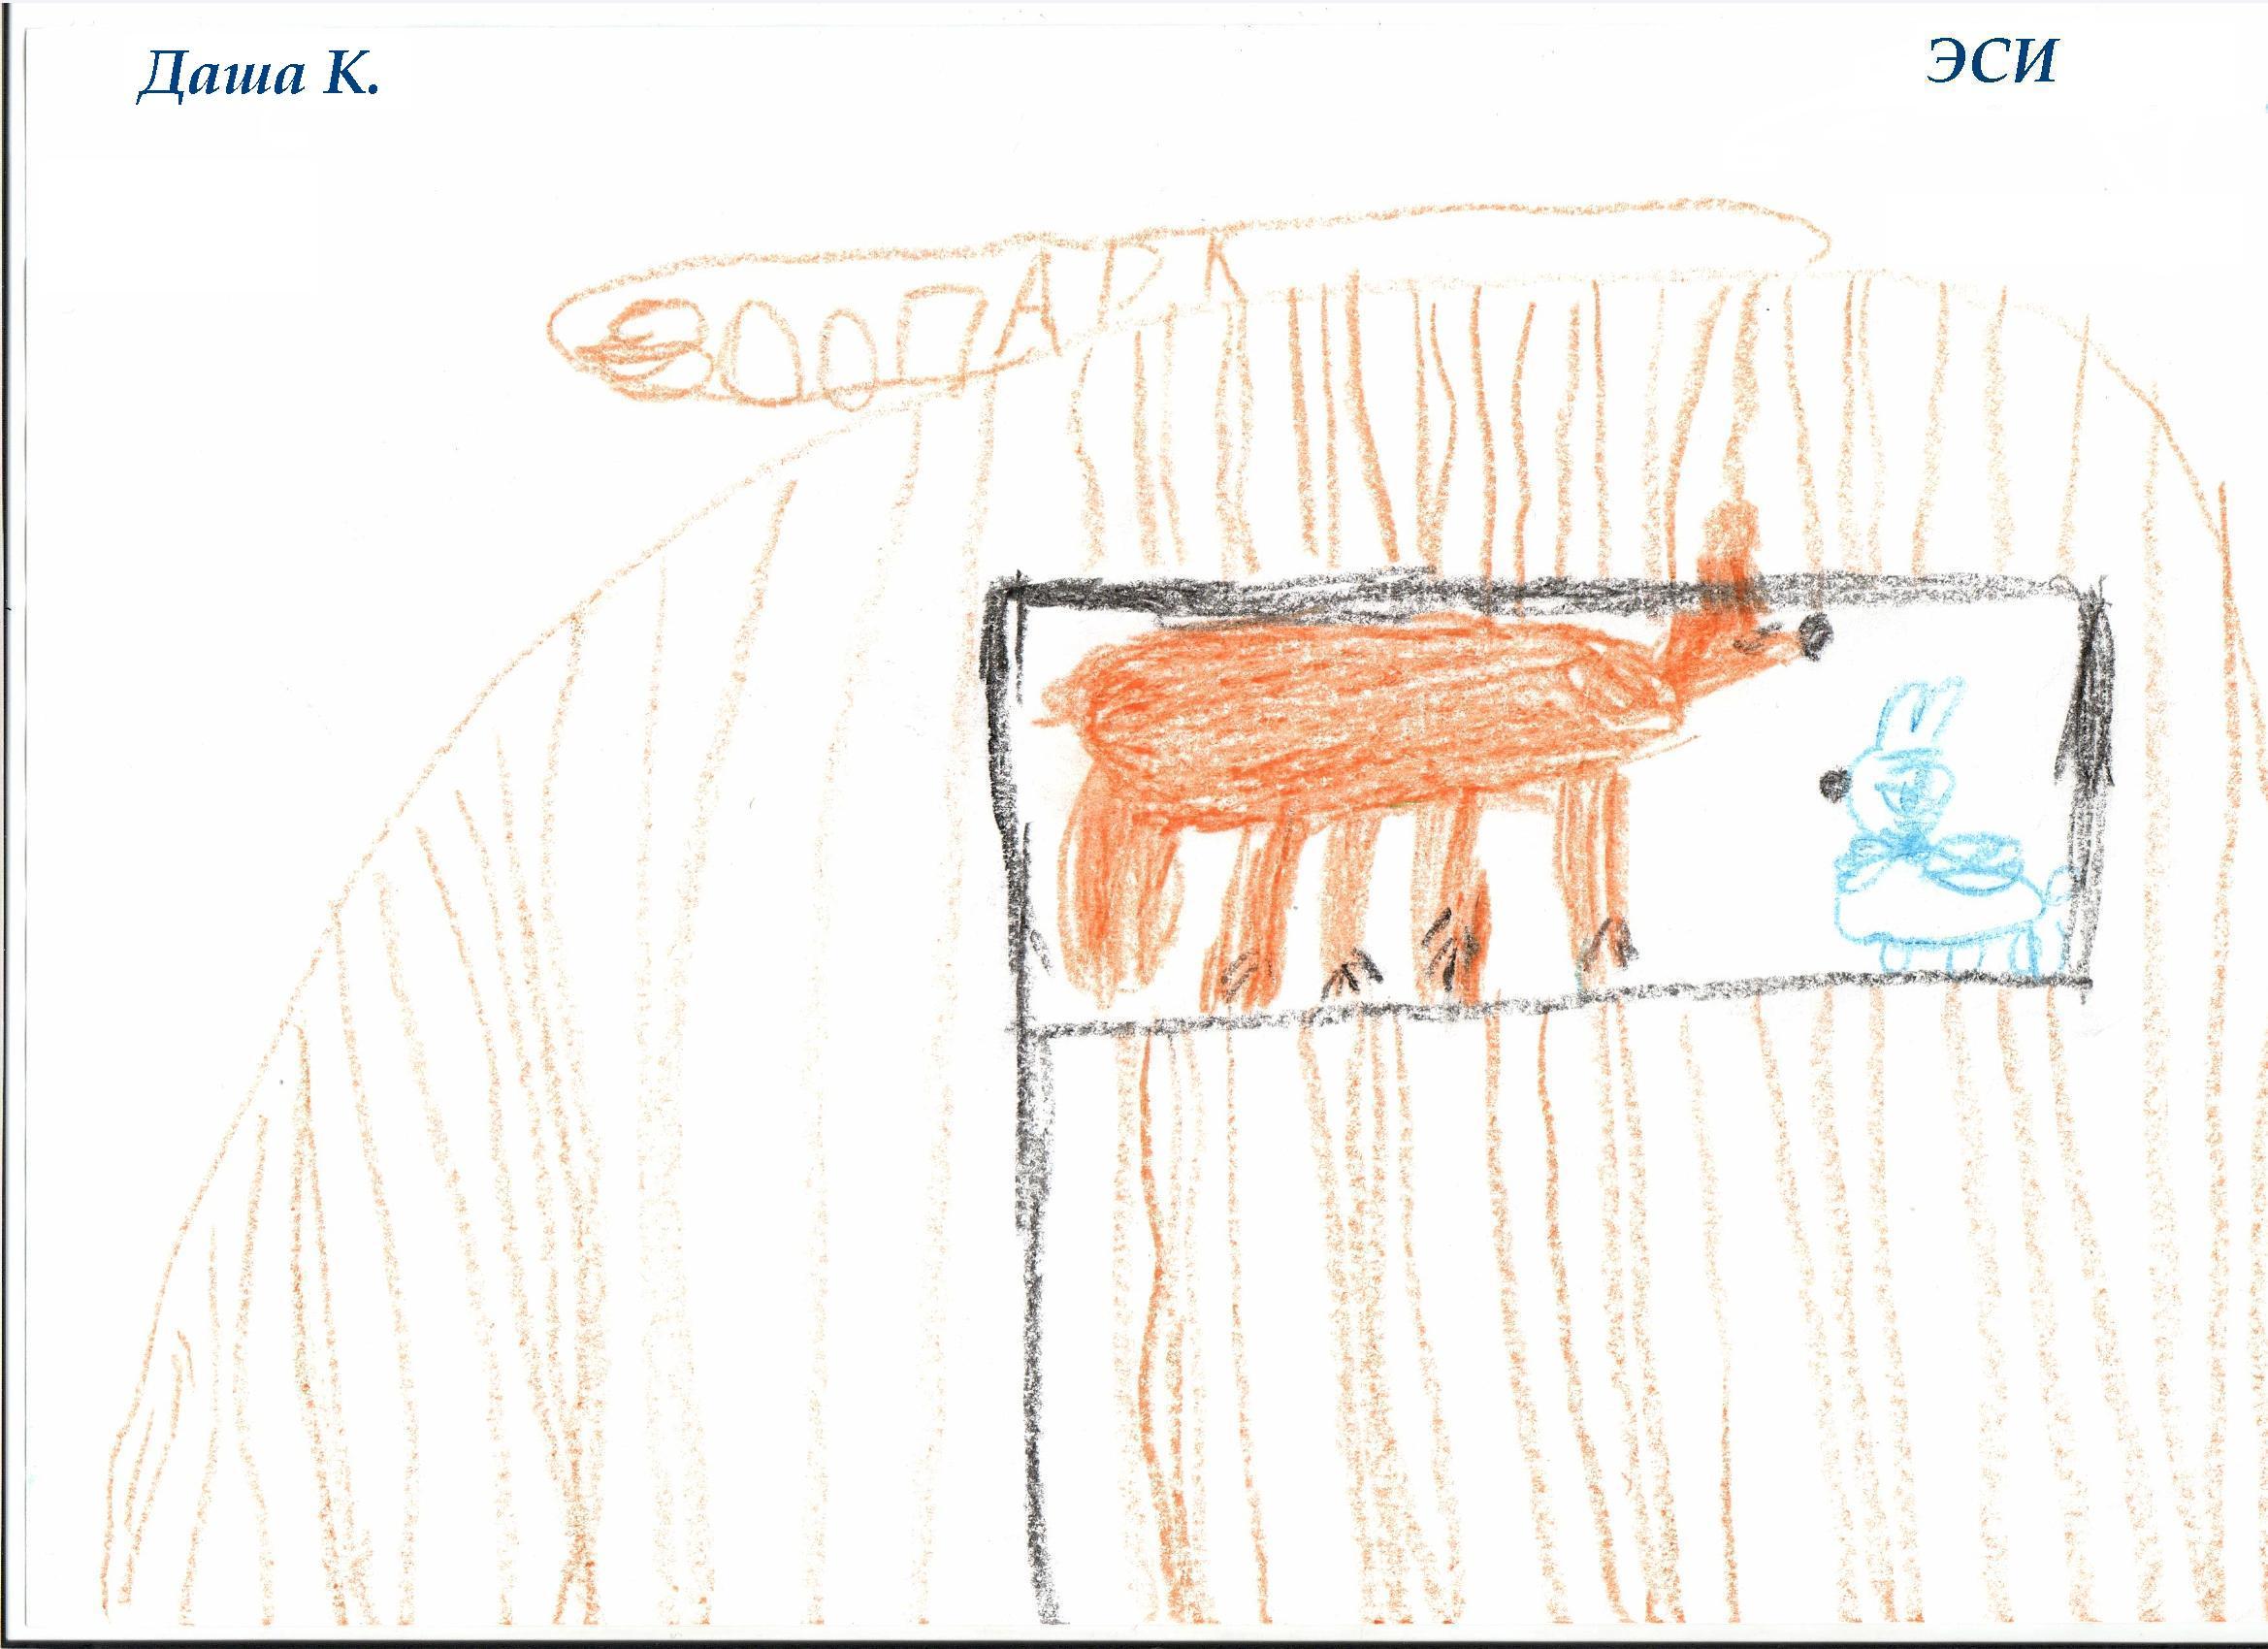 НИИ Соционики. Диагностика детей дошкольного возраста. Рисунок ЭСИ, 5 лет